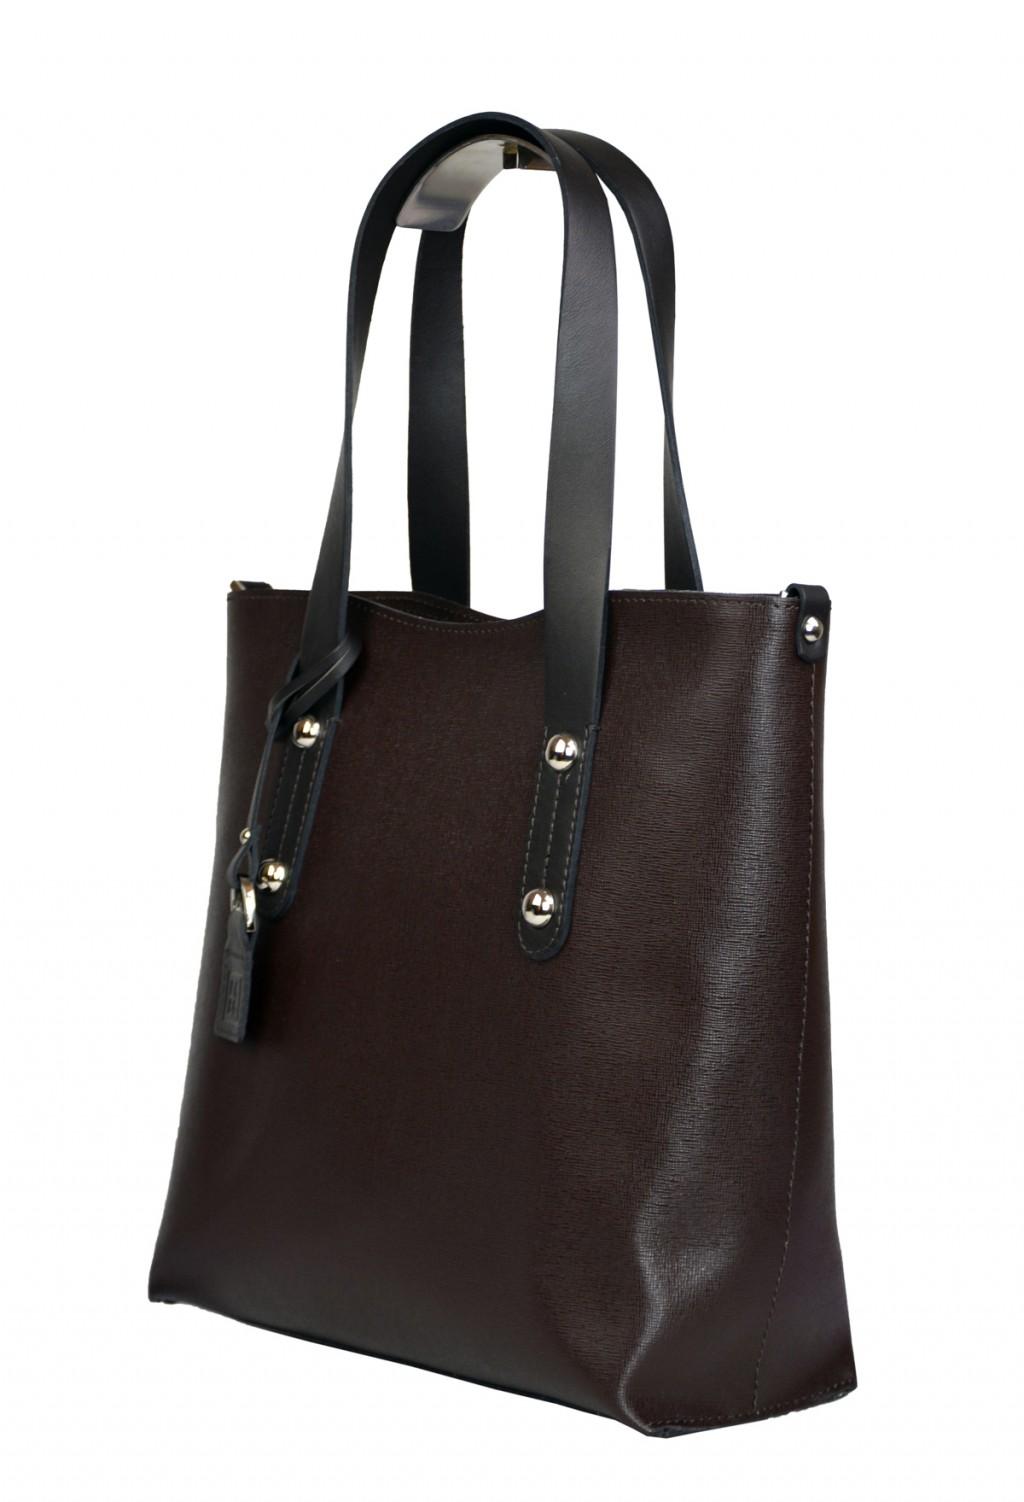 Dámská kožená kabelka FACEBAG IRENE - Tmavá hnědá